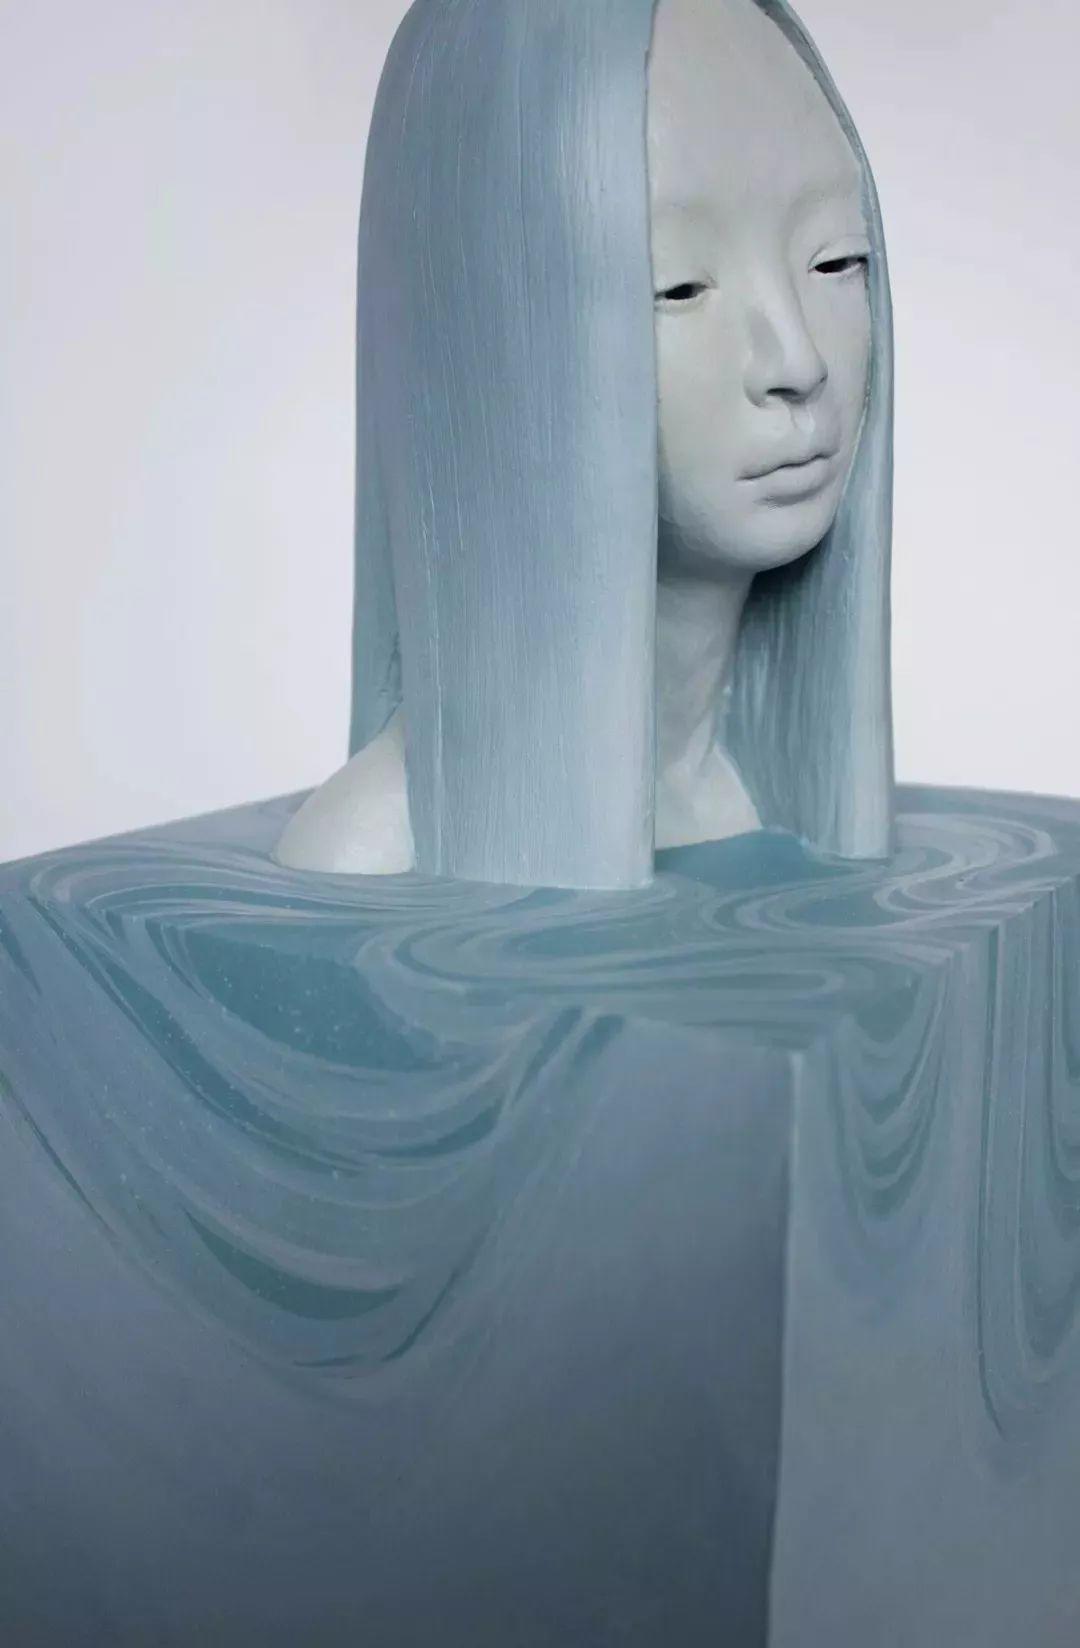 美女艺术家的雕塑,直抵天真、美丽和纯净的灵魂插图105